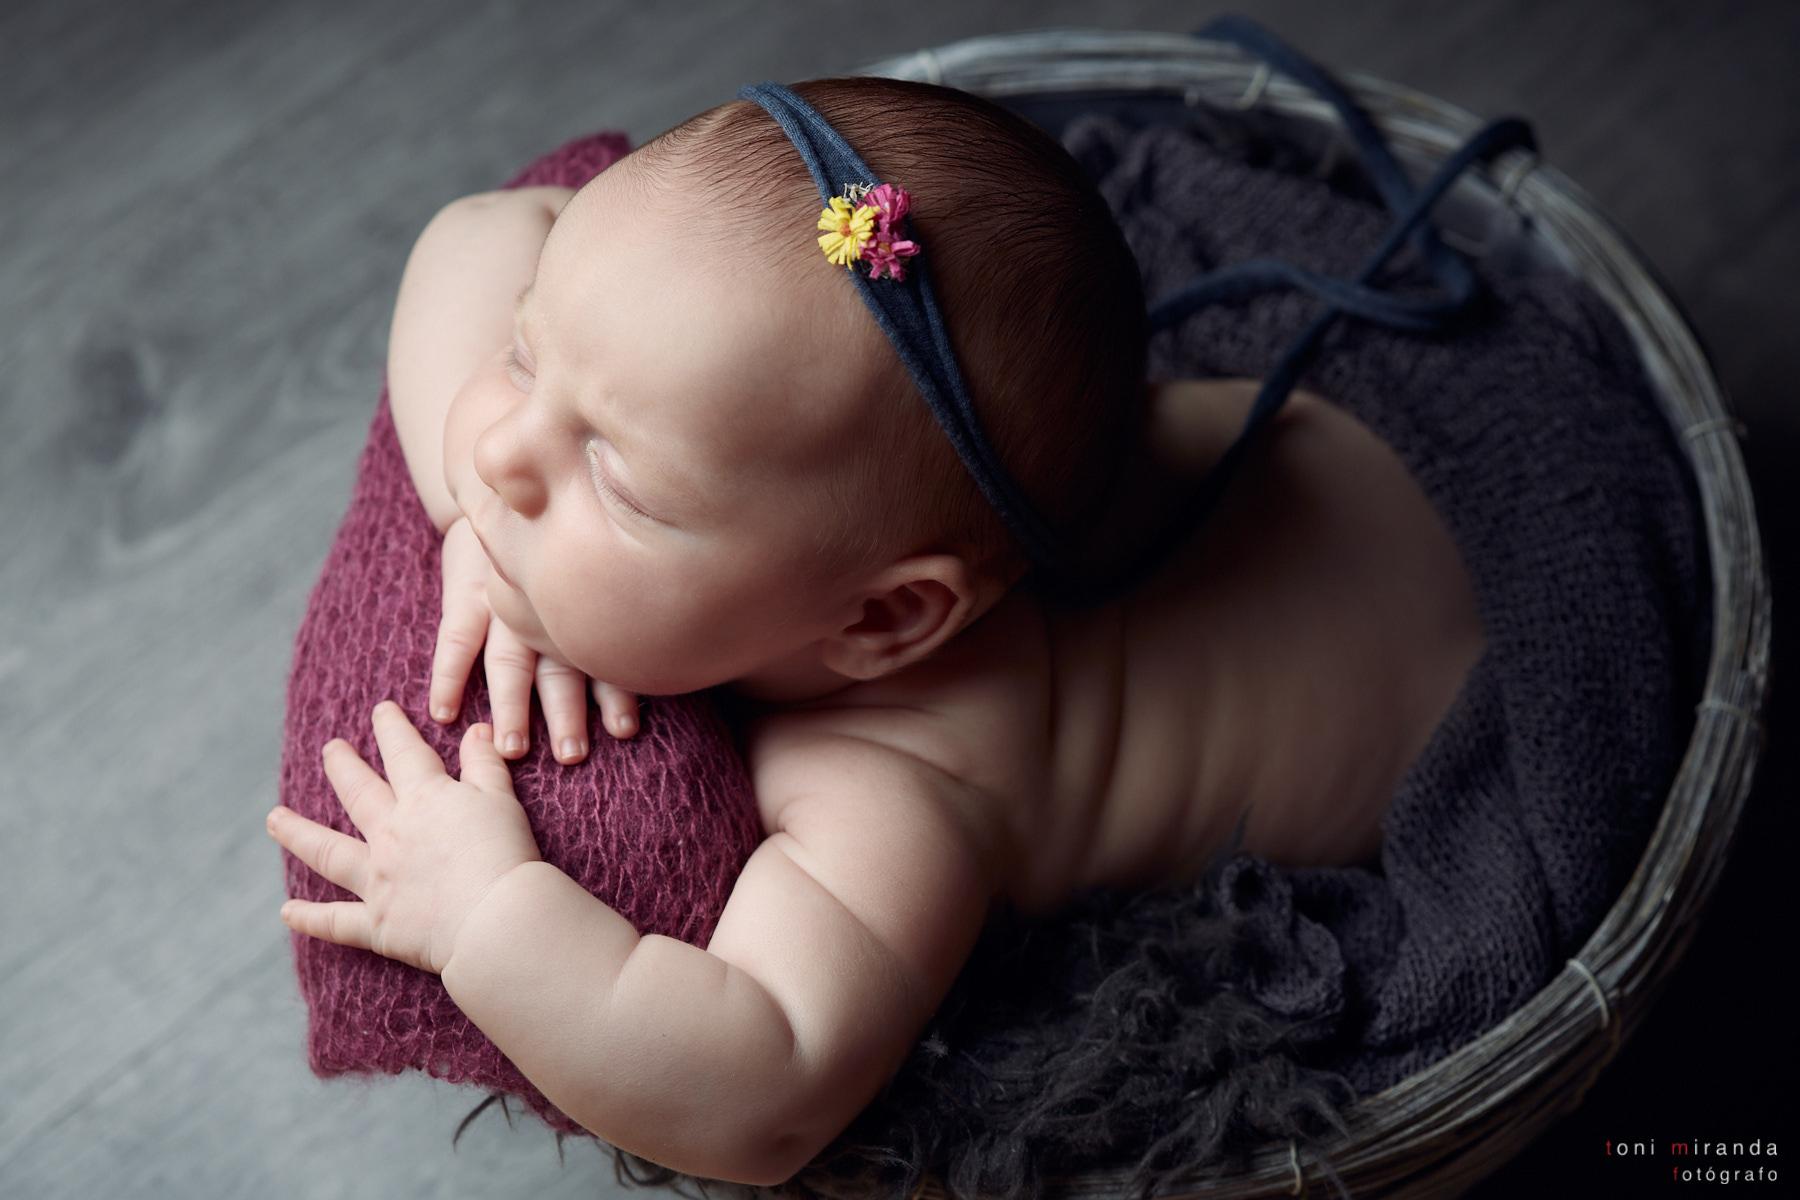 bebe recién nacido desde un punto de vista diferente